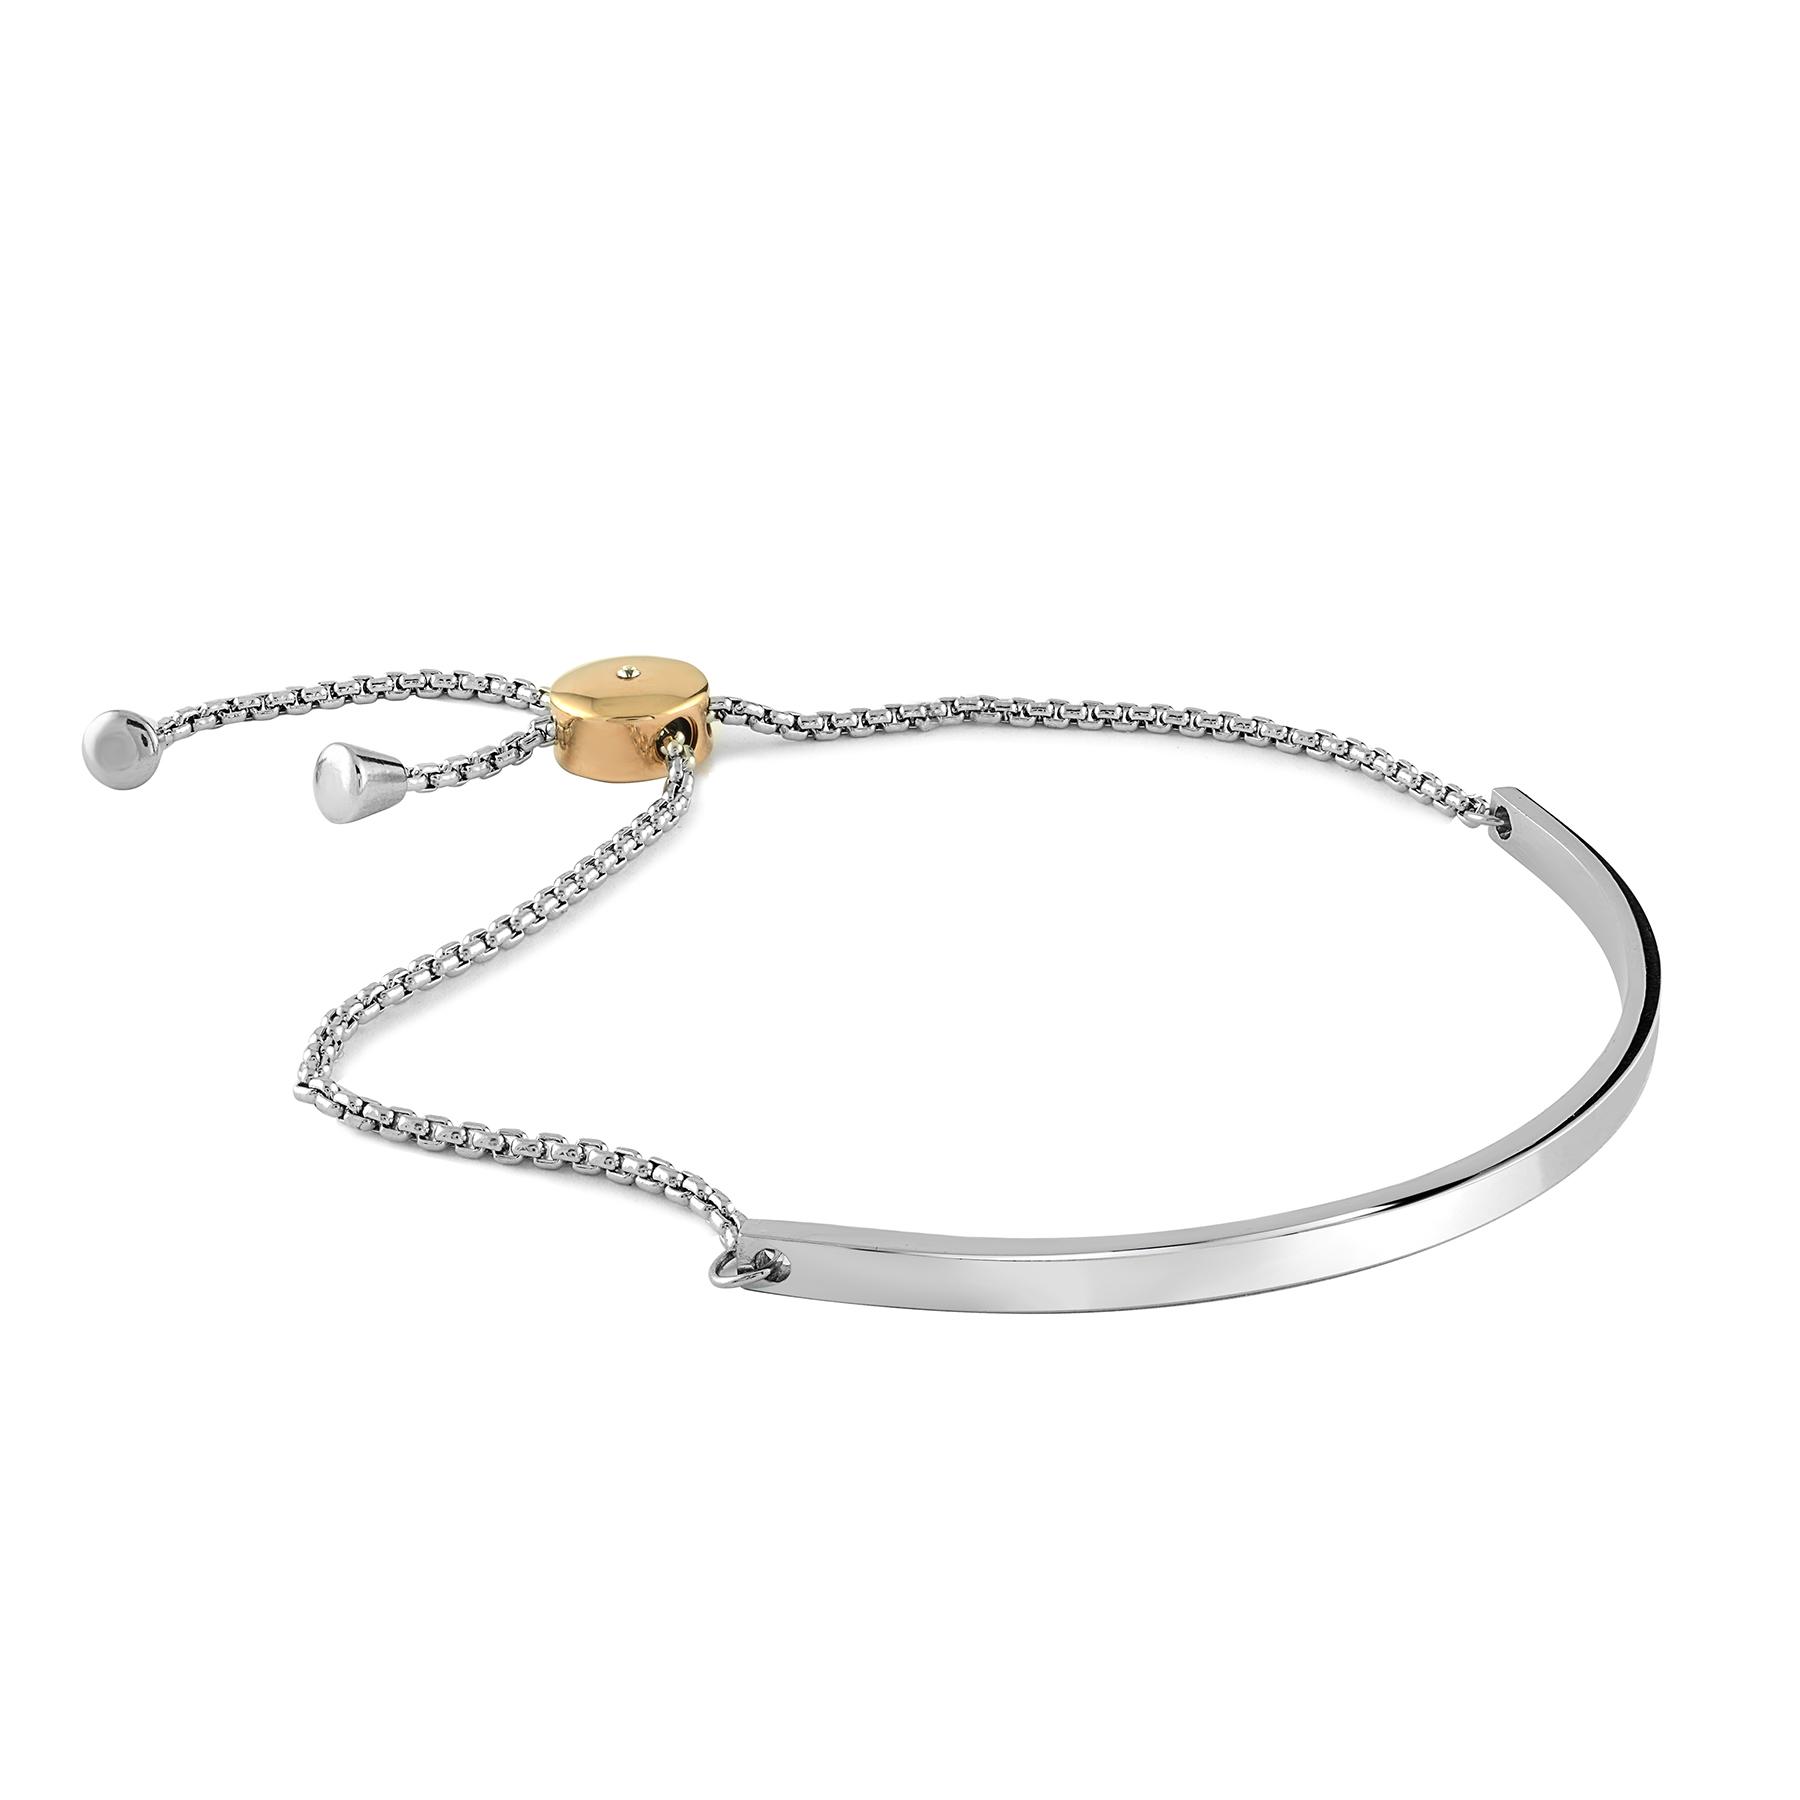 Adjustable bracelet - 2 tone stainless steel